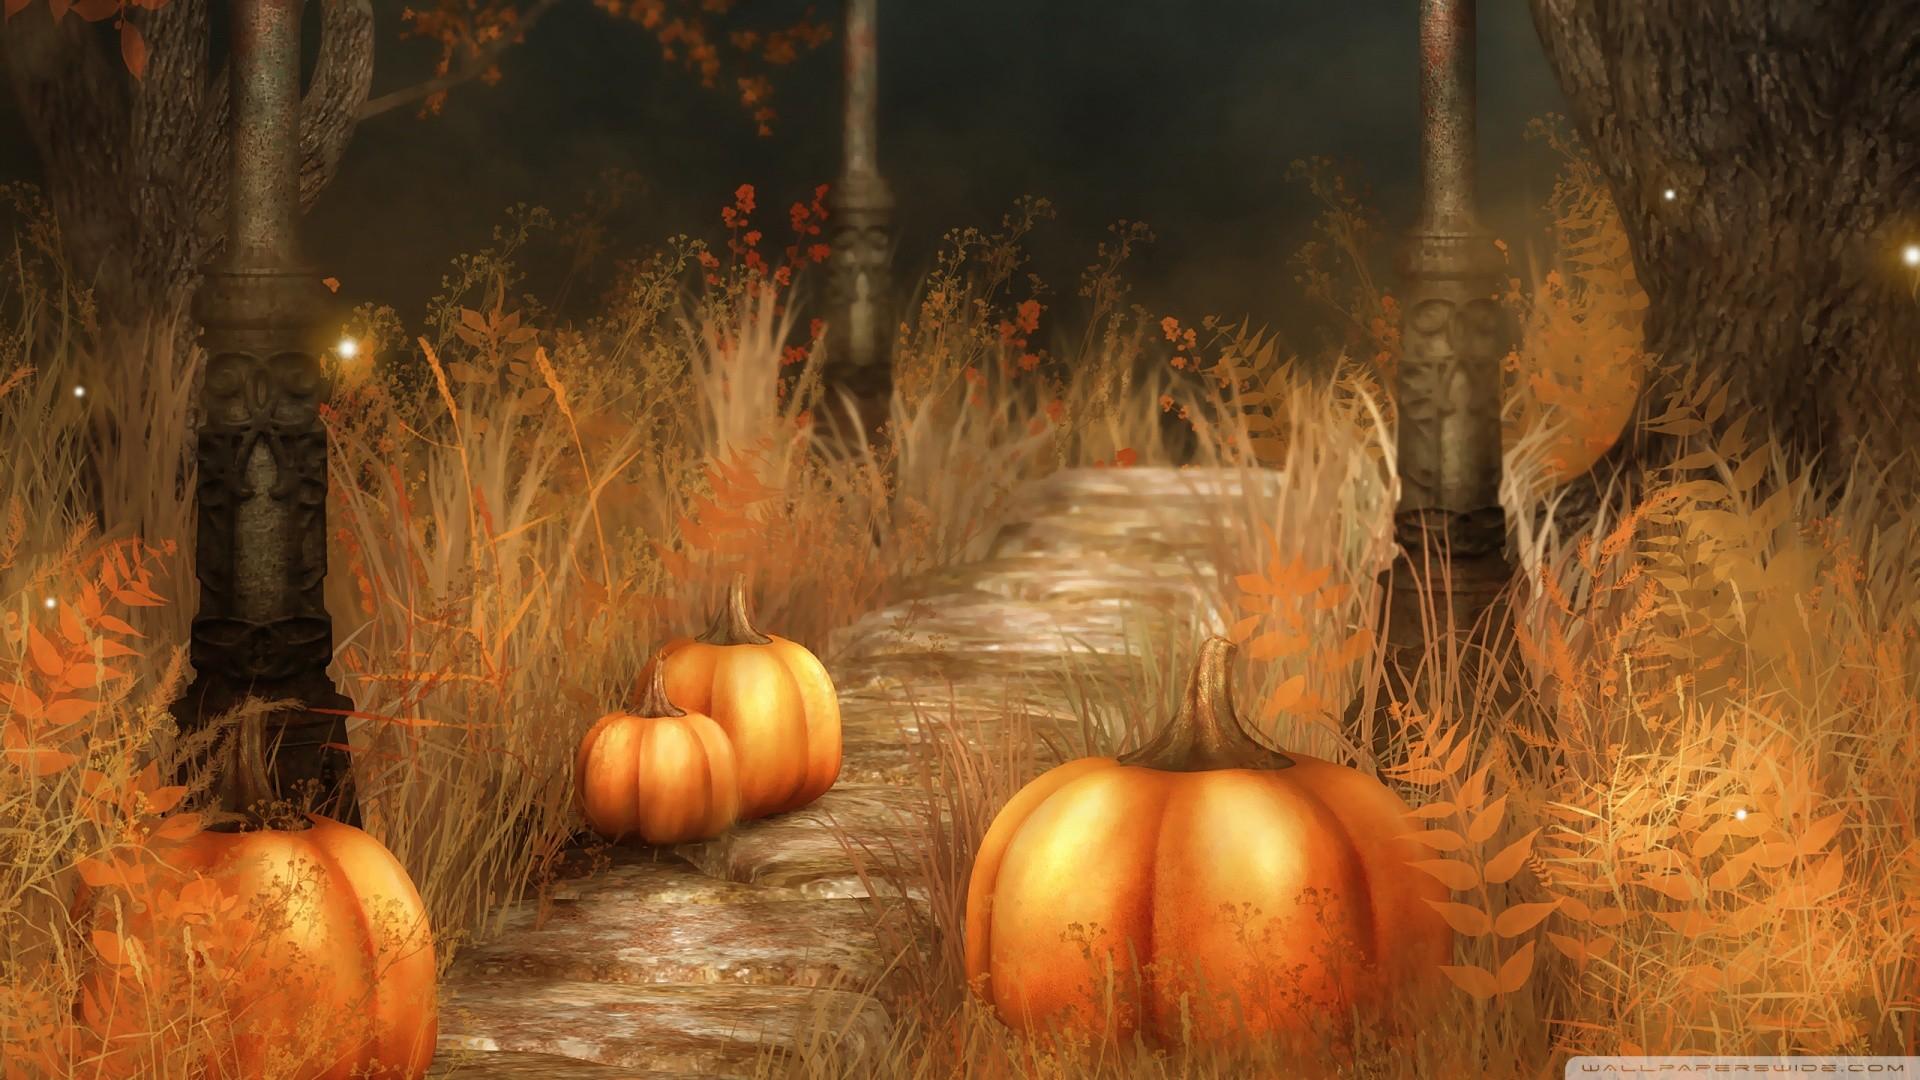 Cute Fall Pumpkins Wallpaper | Pumpkins Halloween Wallpaper Free Download